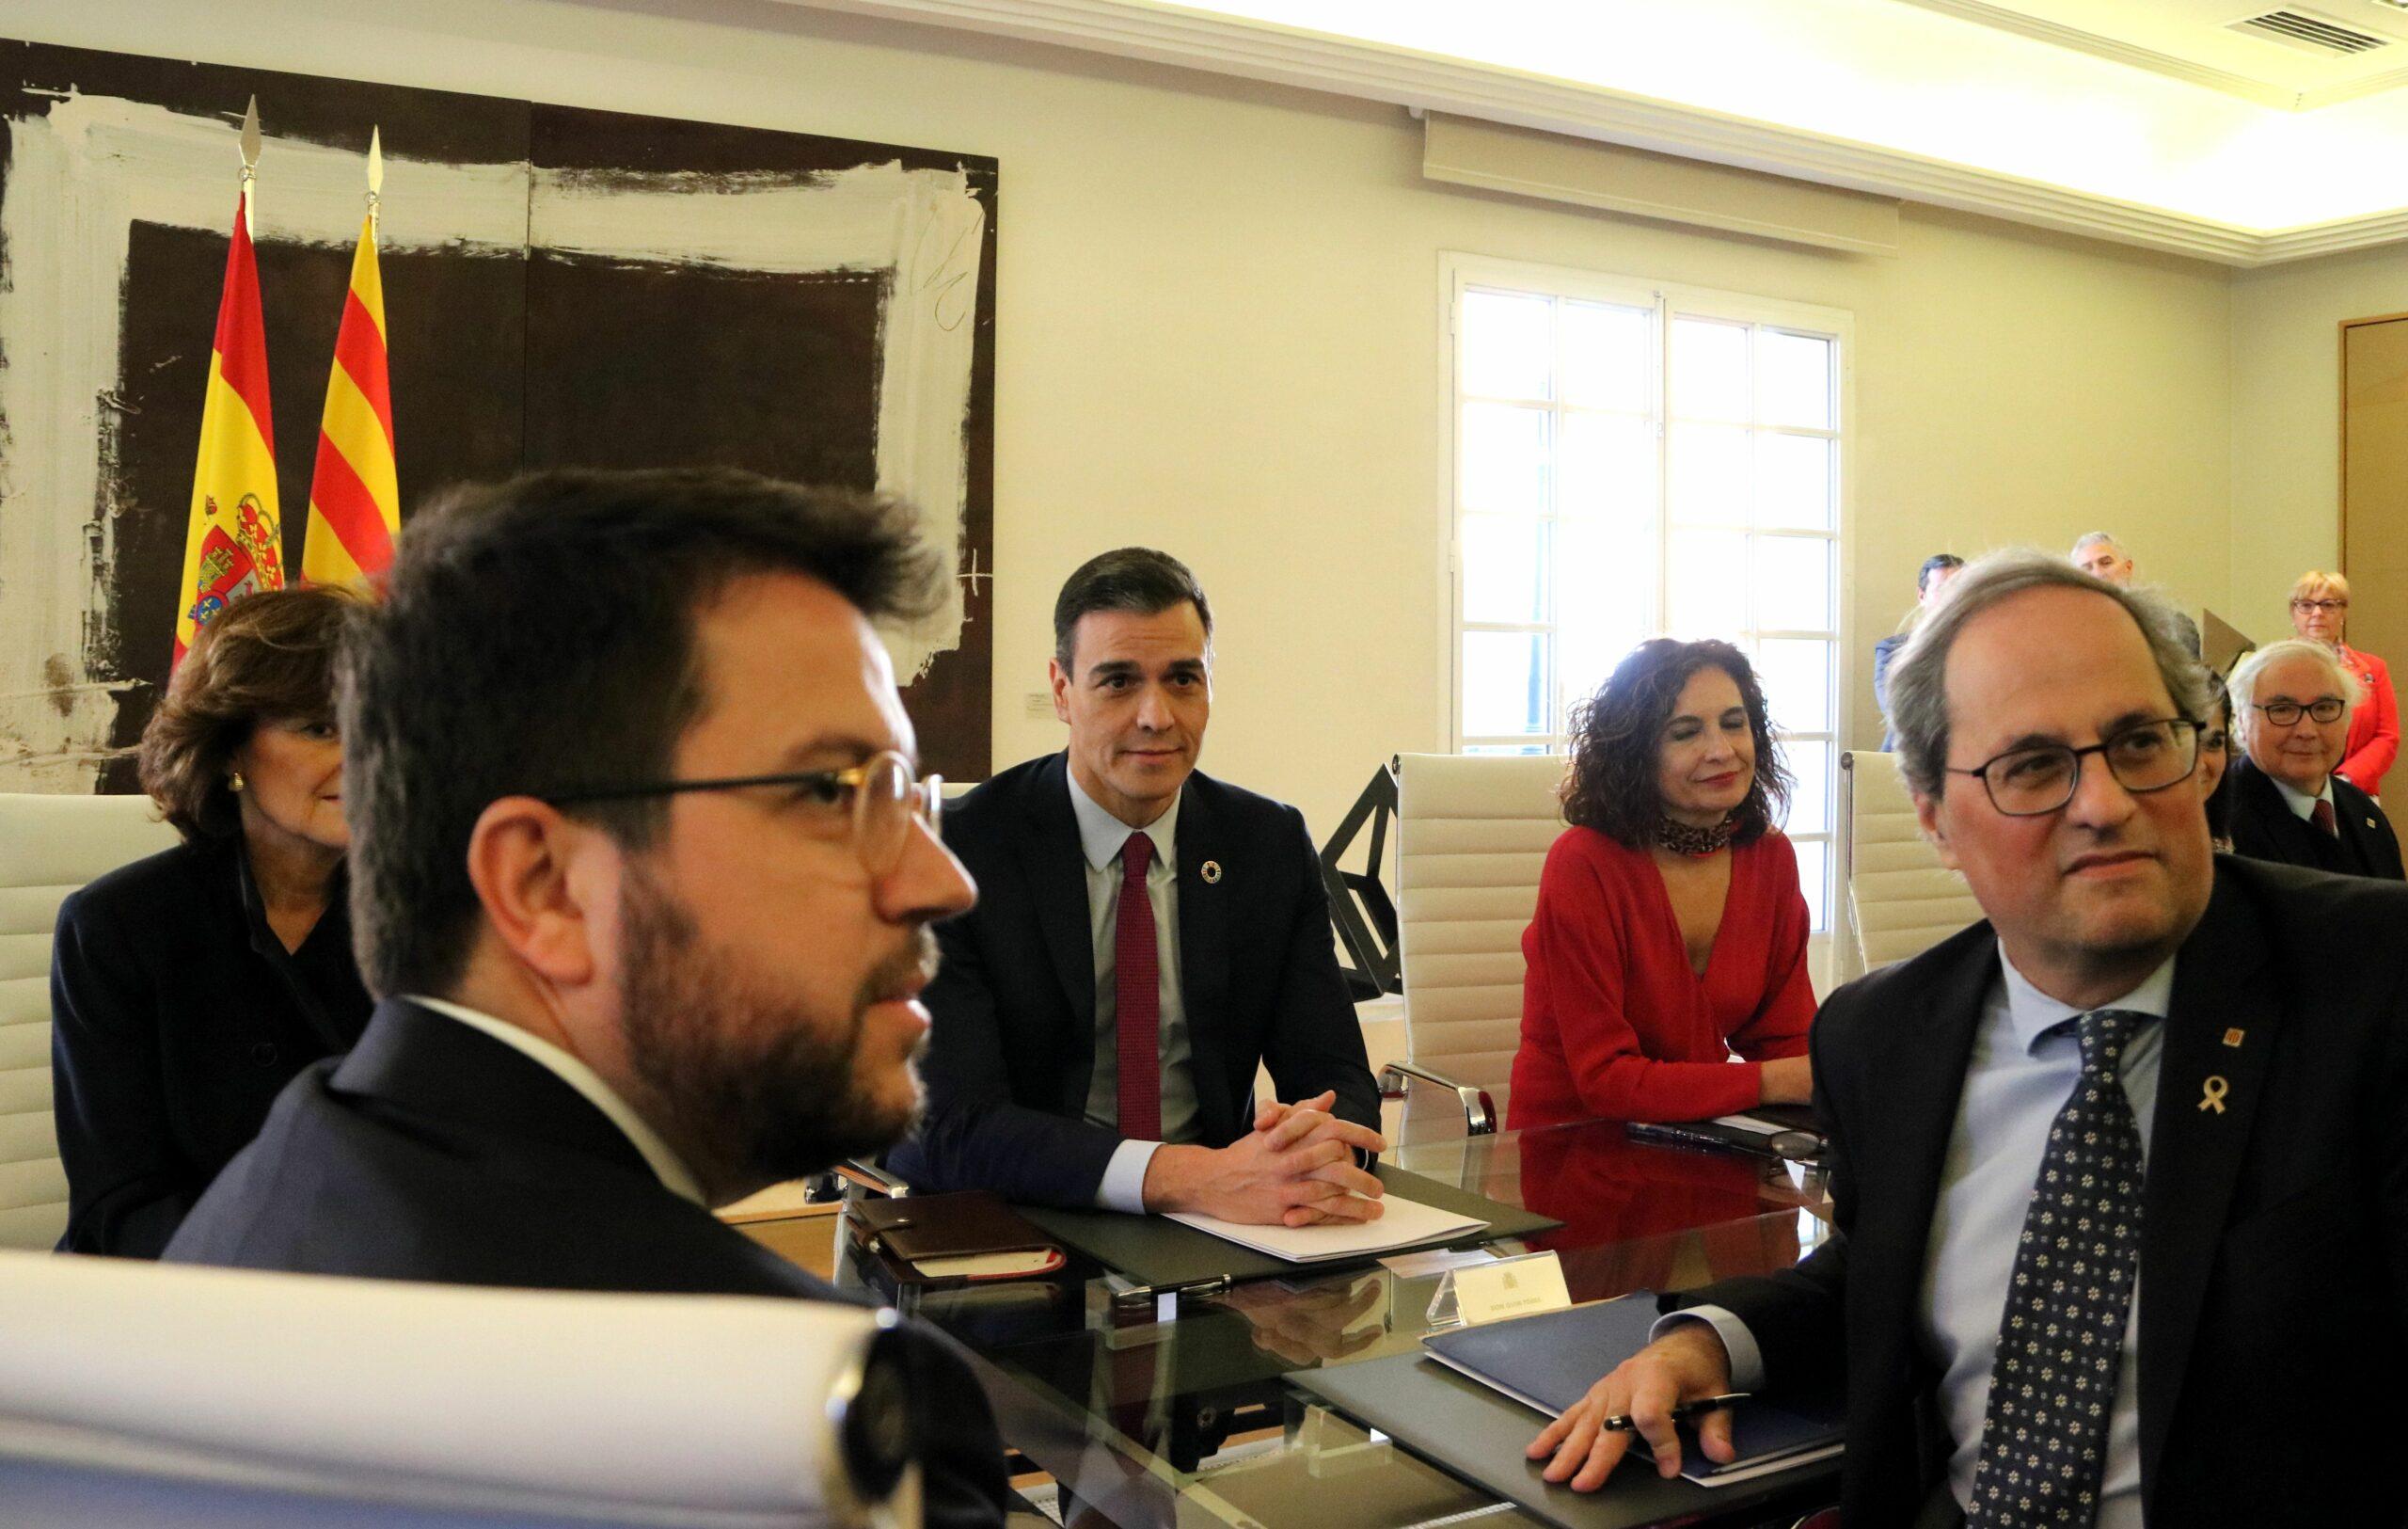 Pere Aragonés i Quim Torra en primer terme amb Pedro Sánchez al darrere a la mesa de diàleg